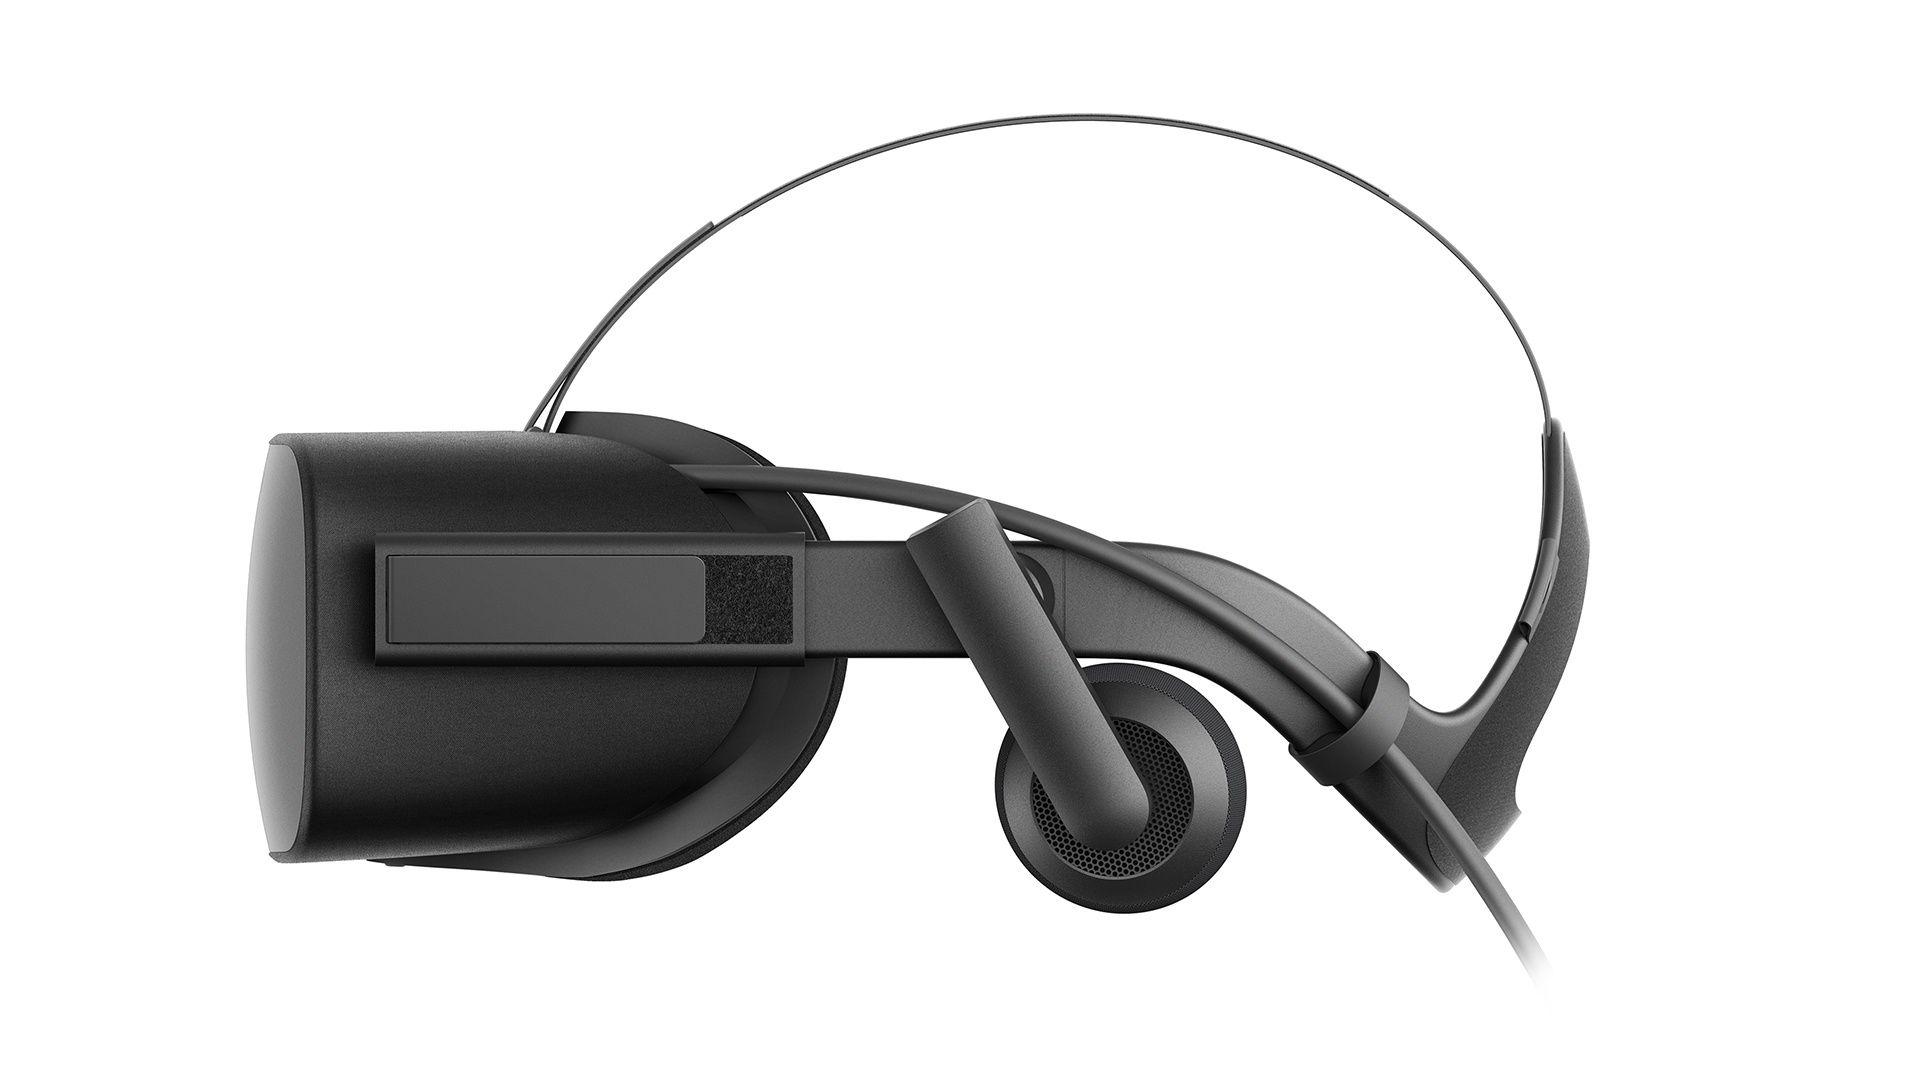 Oculus Rift Redesigned